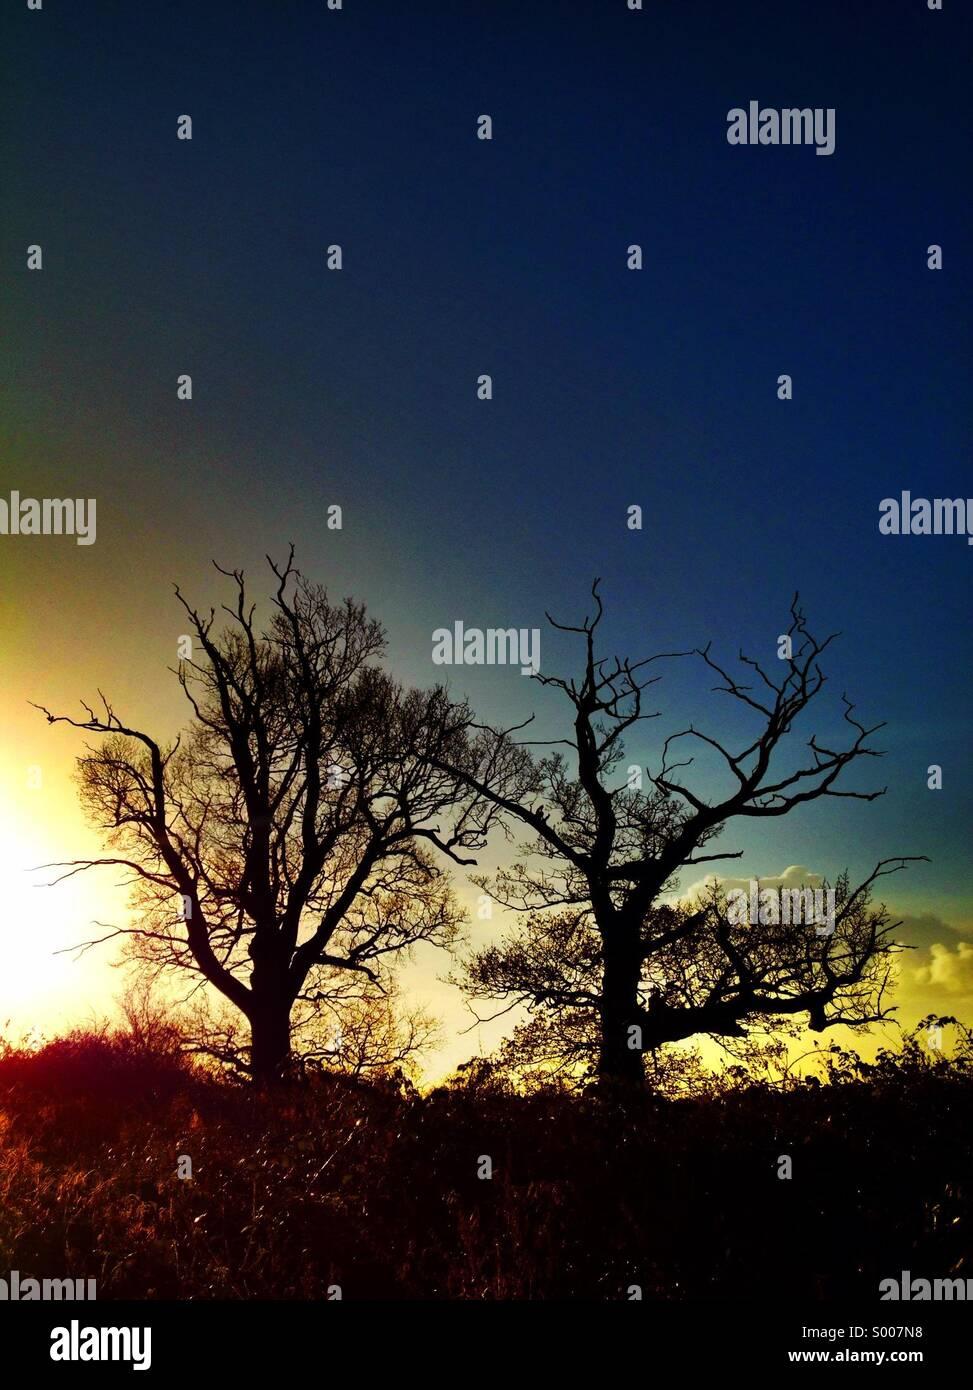 Deux arbres en silhouette contre un ciel de couleurs vives. Banque D'Images